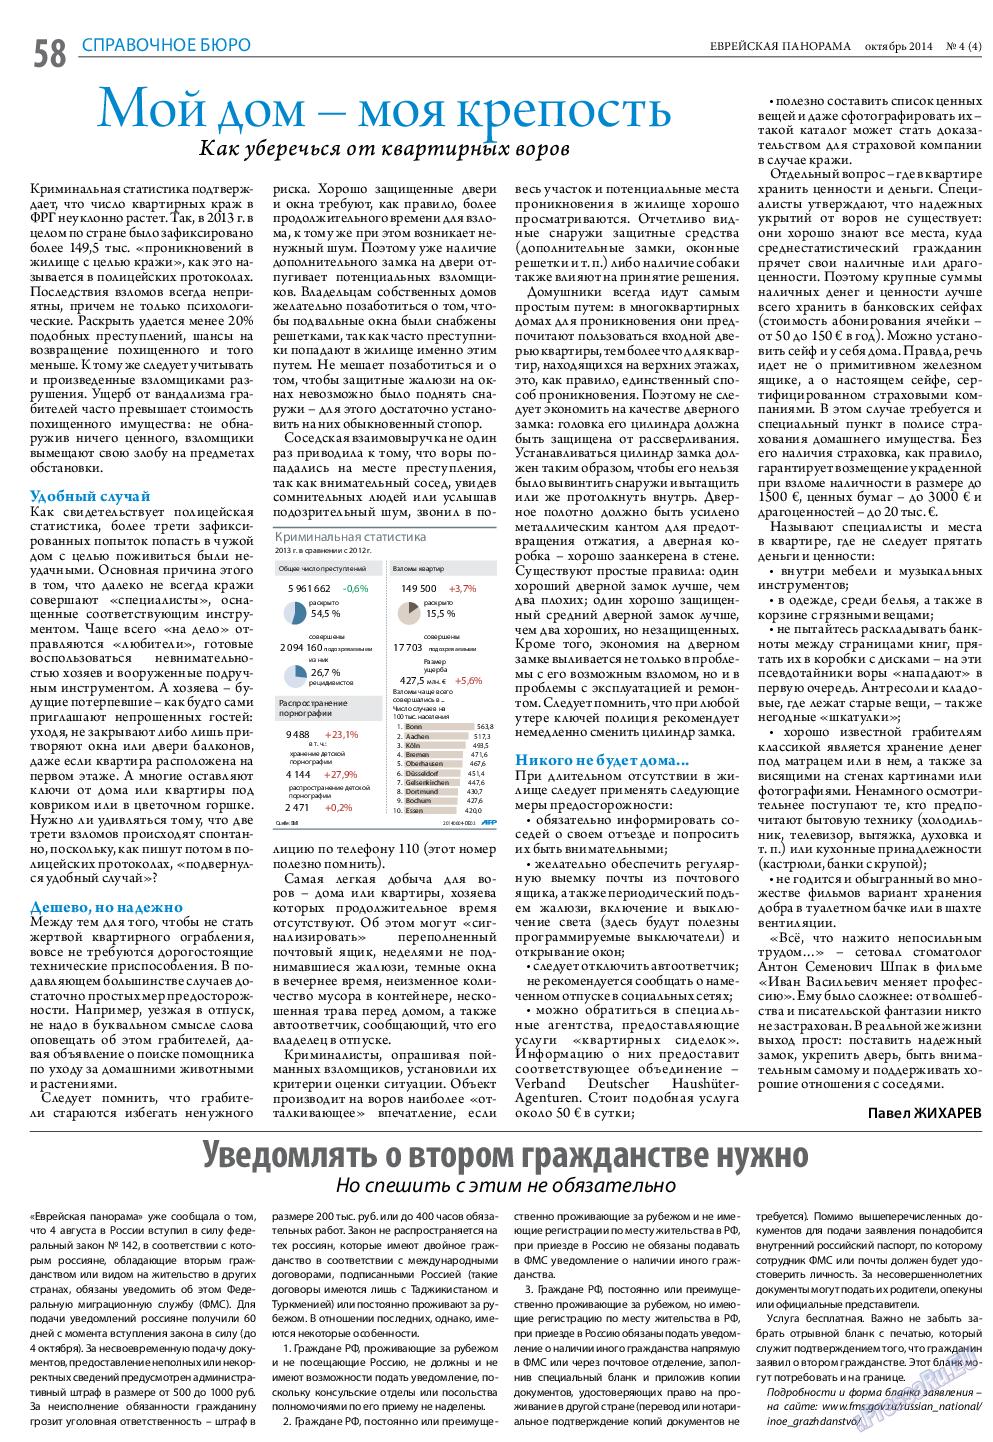 Еврейская панорама (газета). 2014 год, номер 4, стр. 58